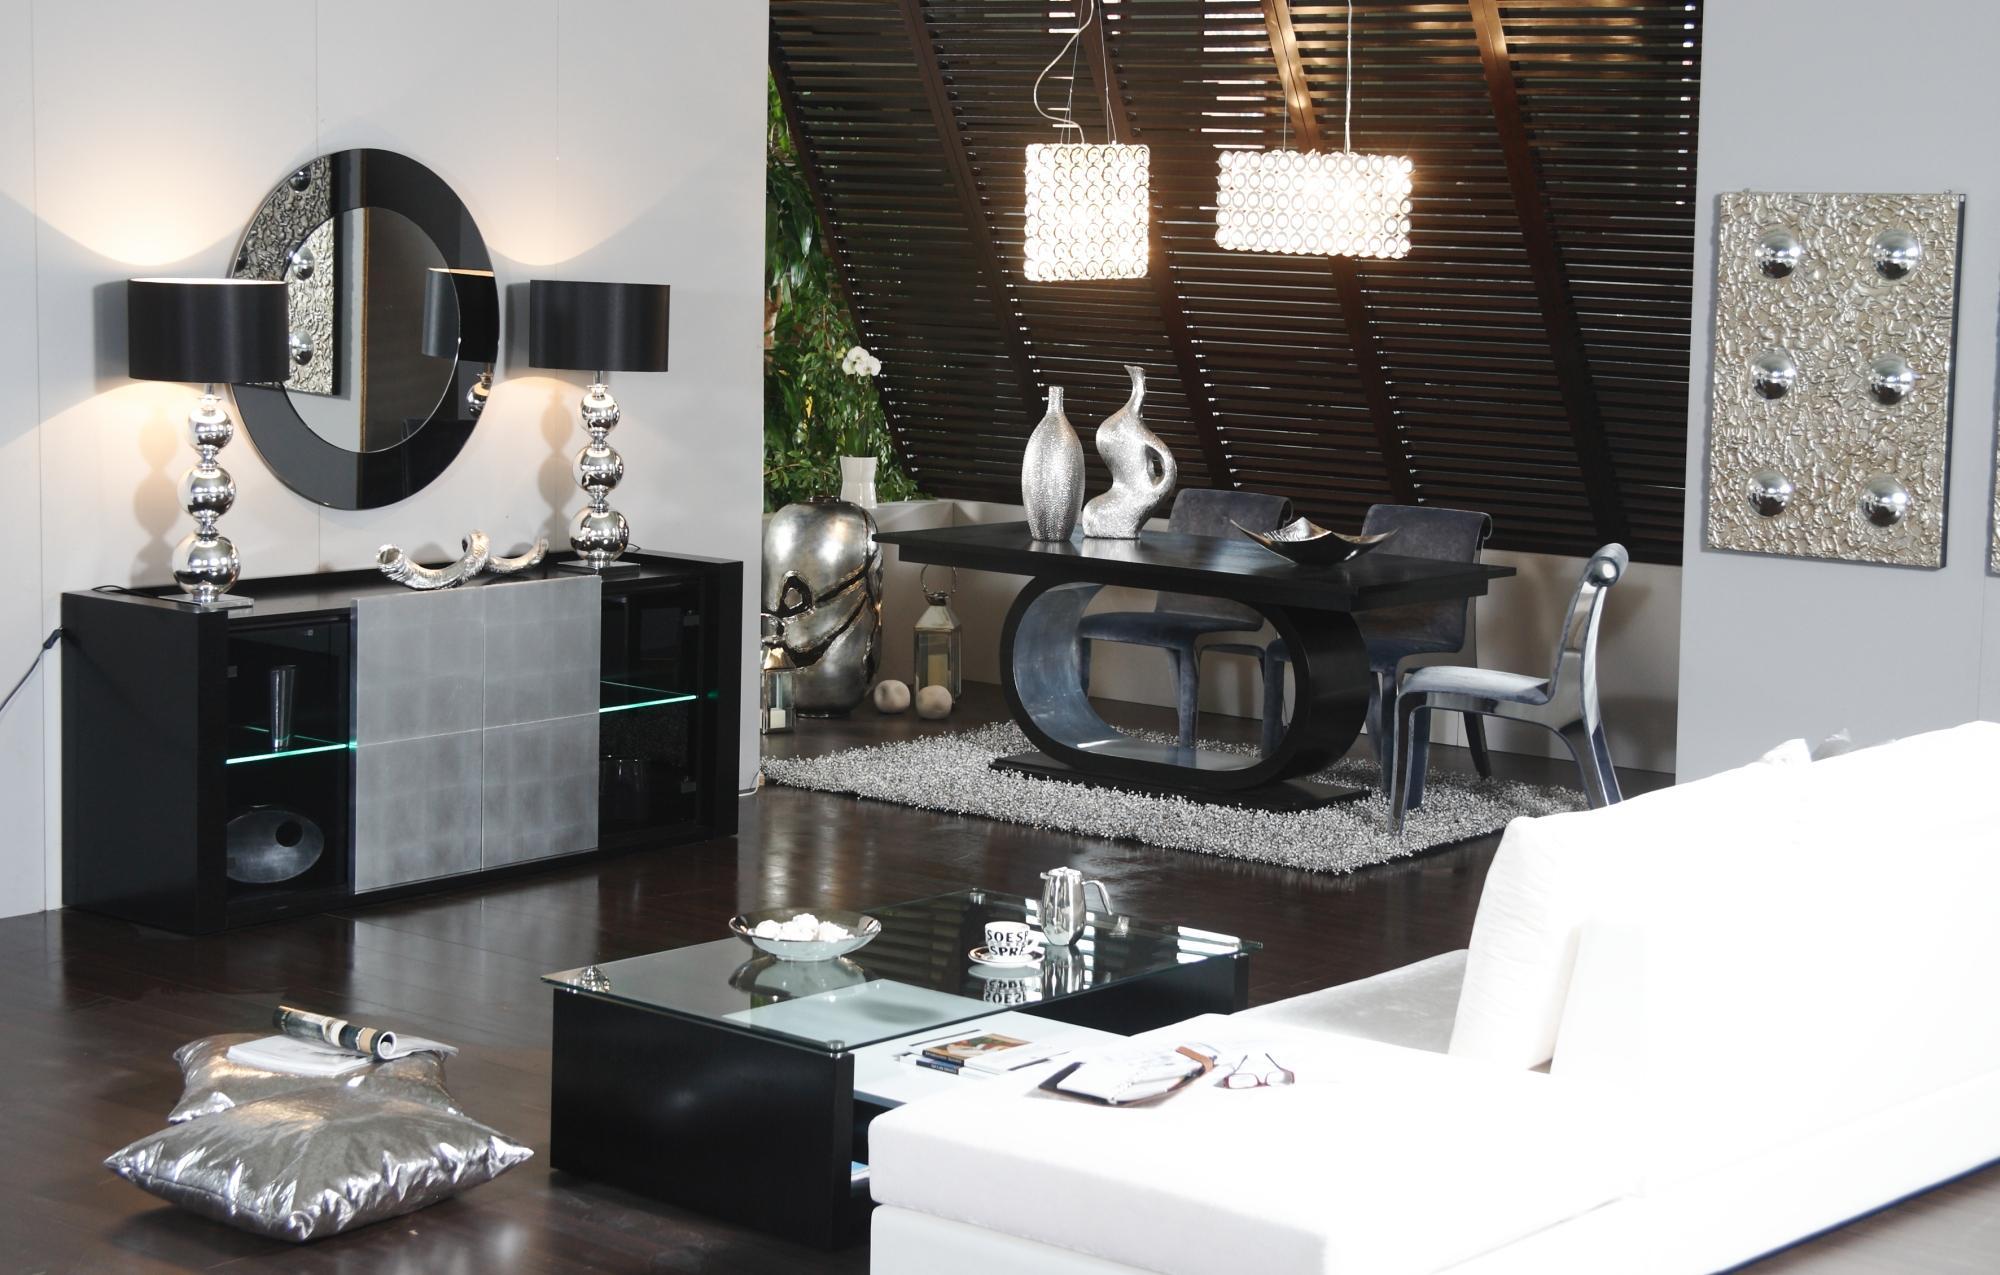 Set Sala Da Pranzo Design 1.0 500.0 Pezzi #5D4C41 2000 1275 Mobili Sala Da Pranzo Classica